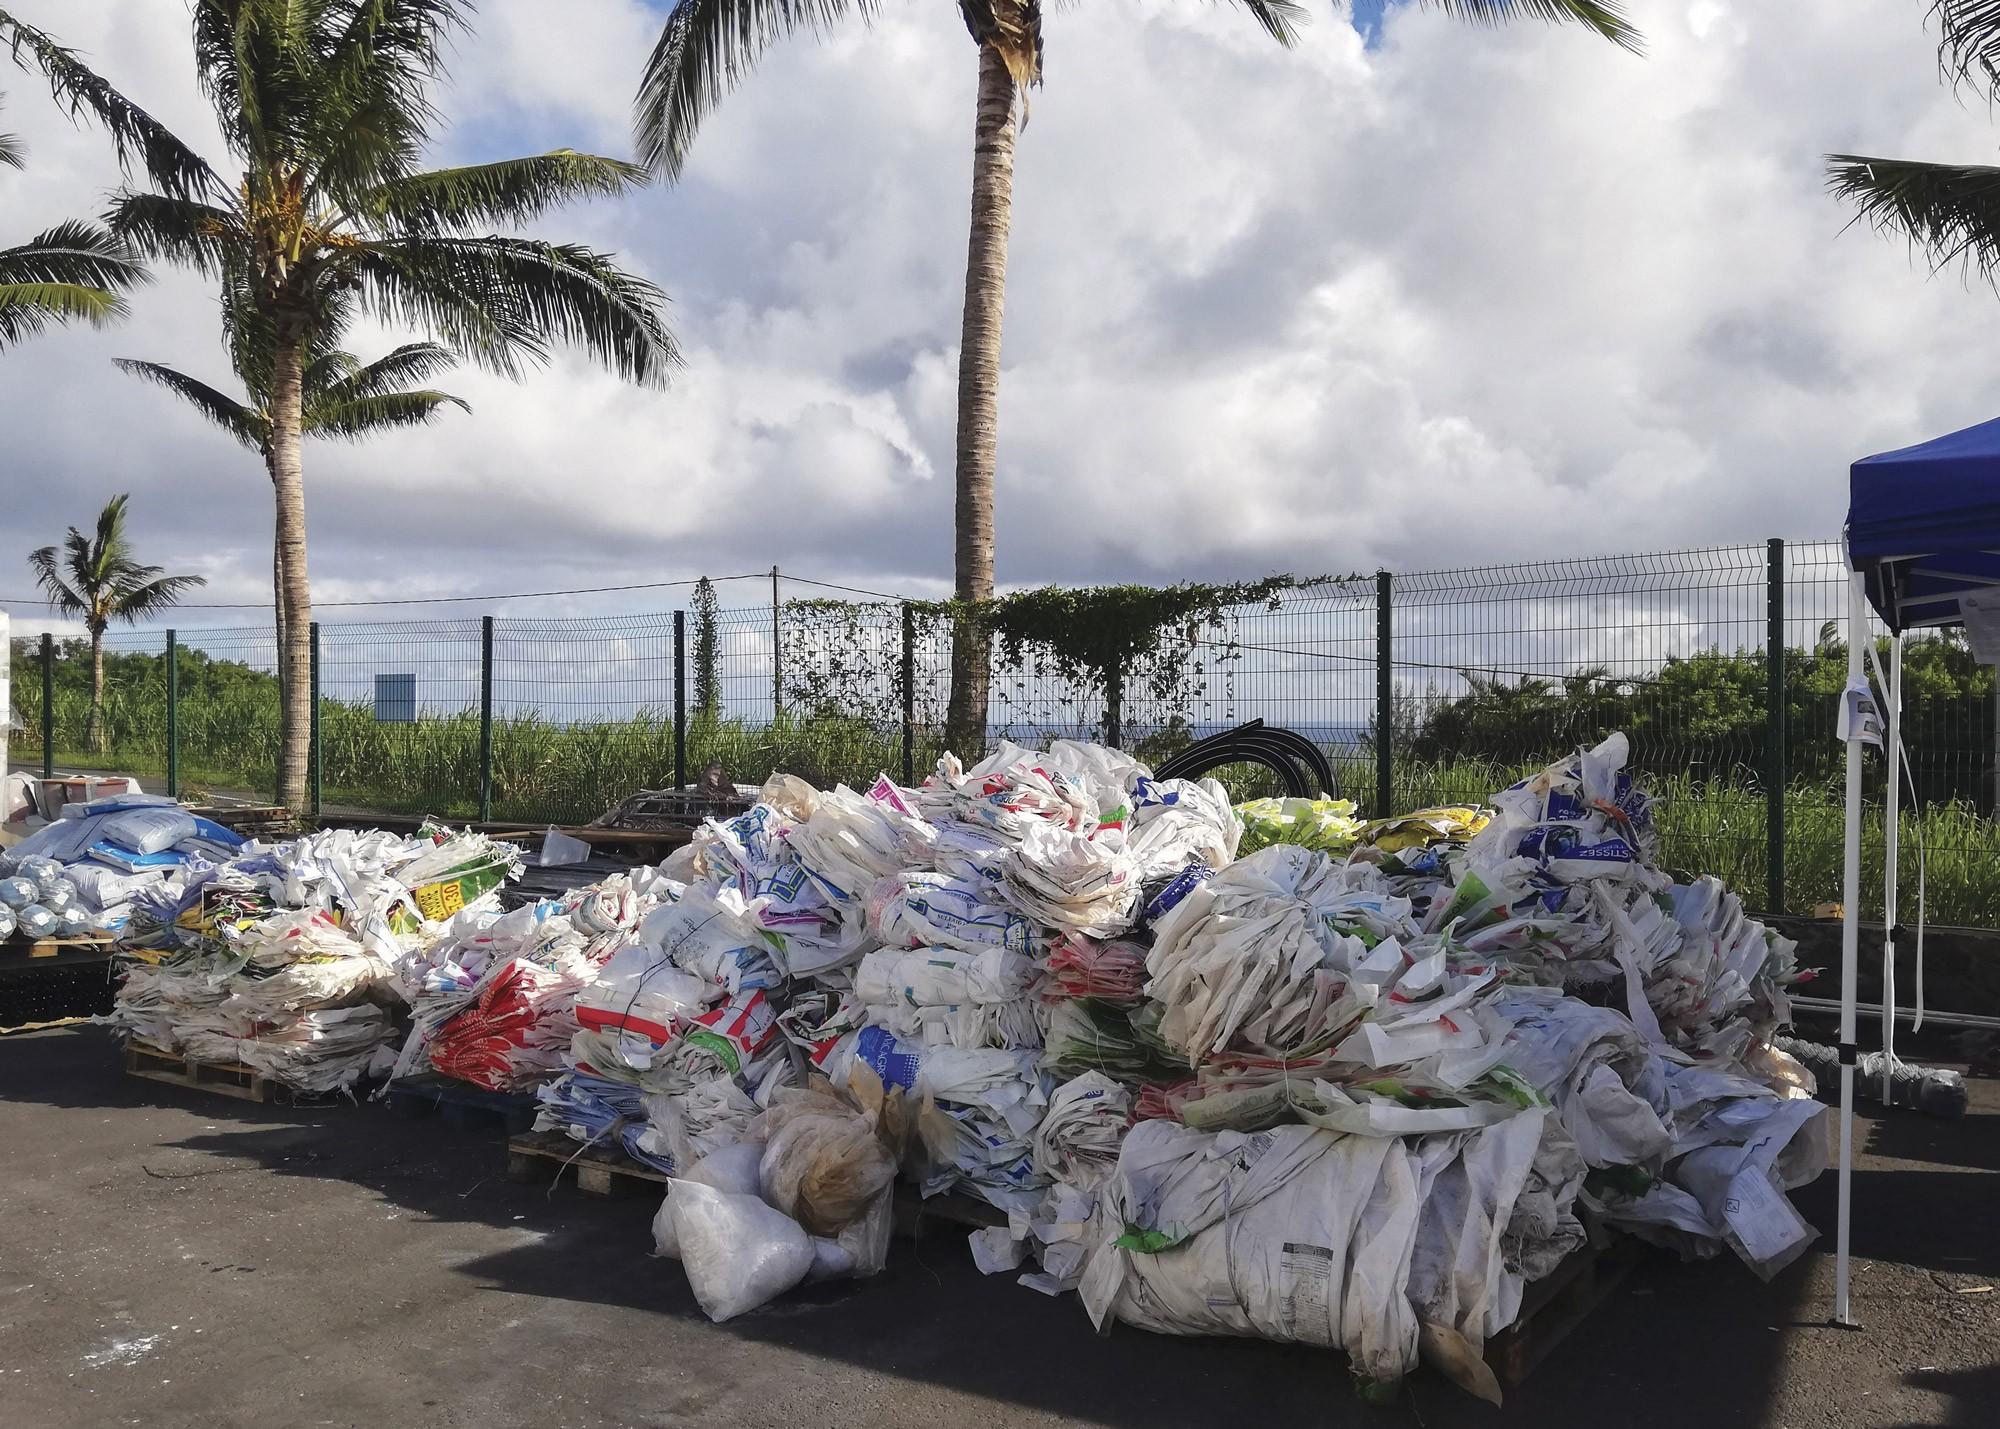 Déchets non organiques : la collecte des emballages vides s'anticipe